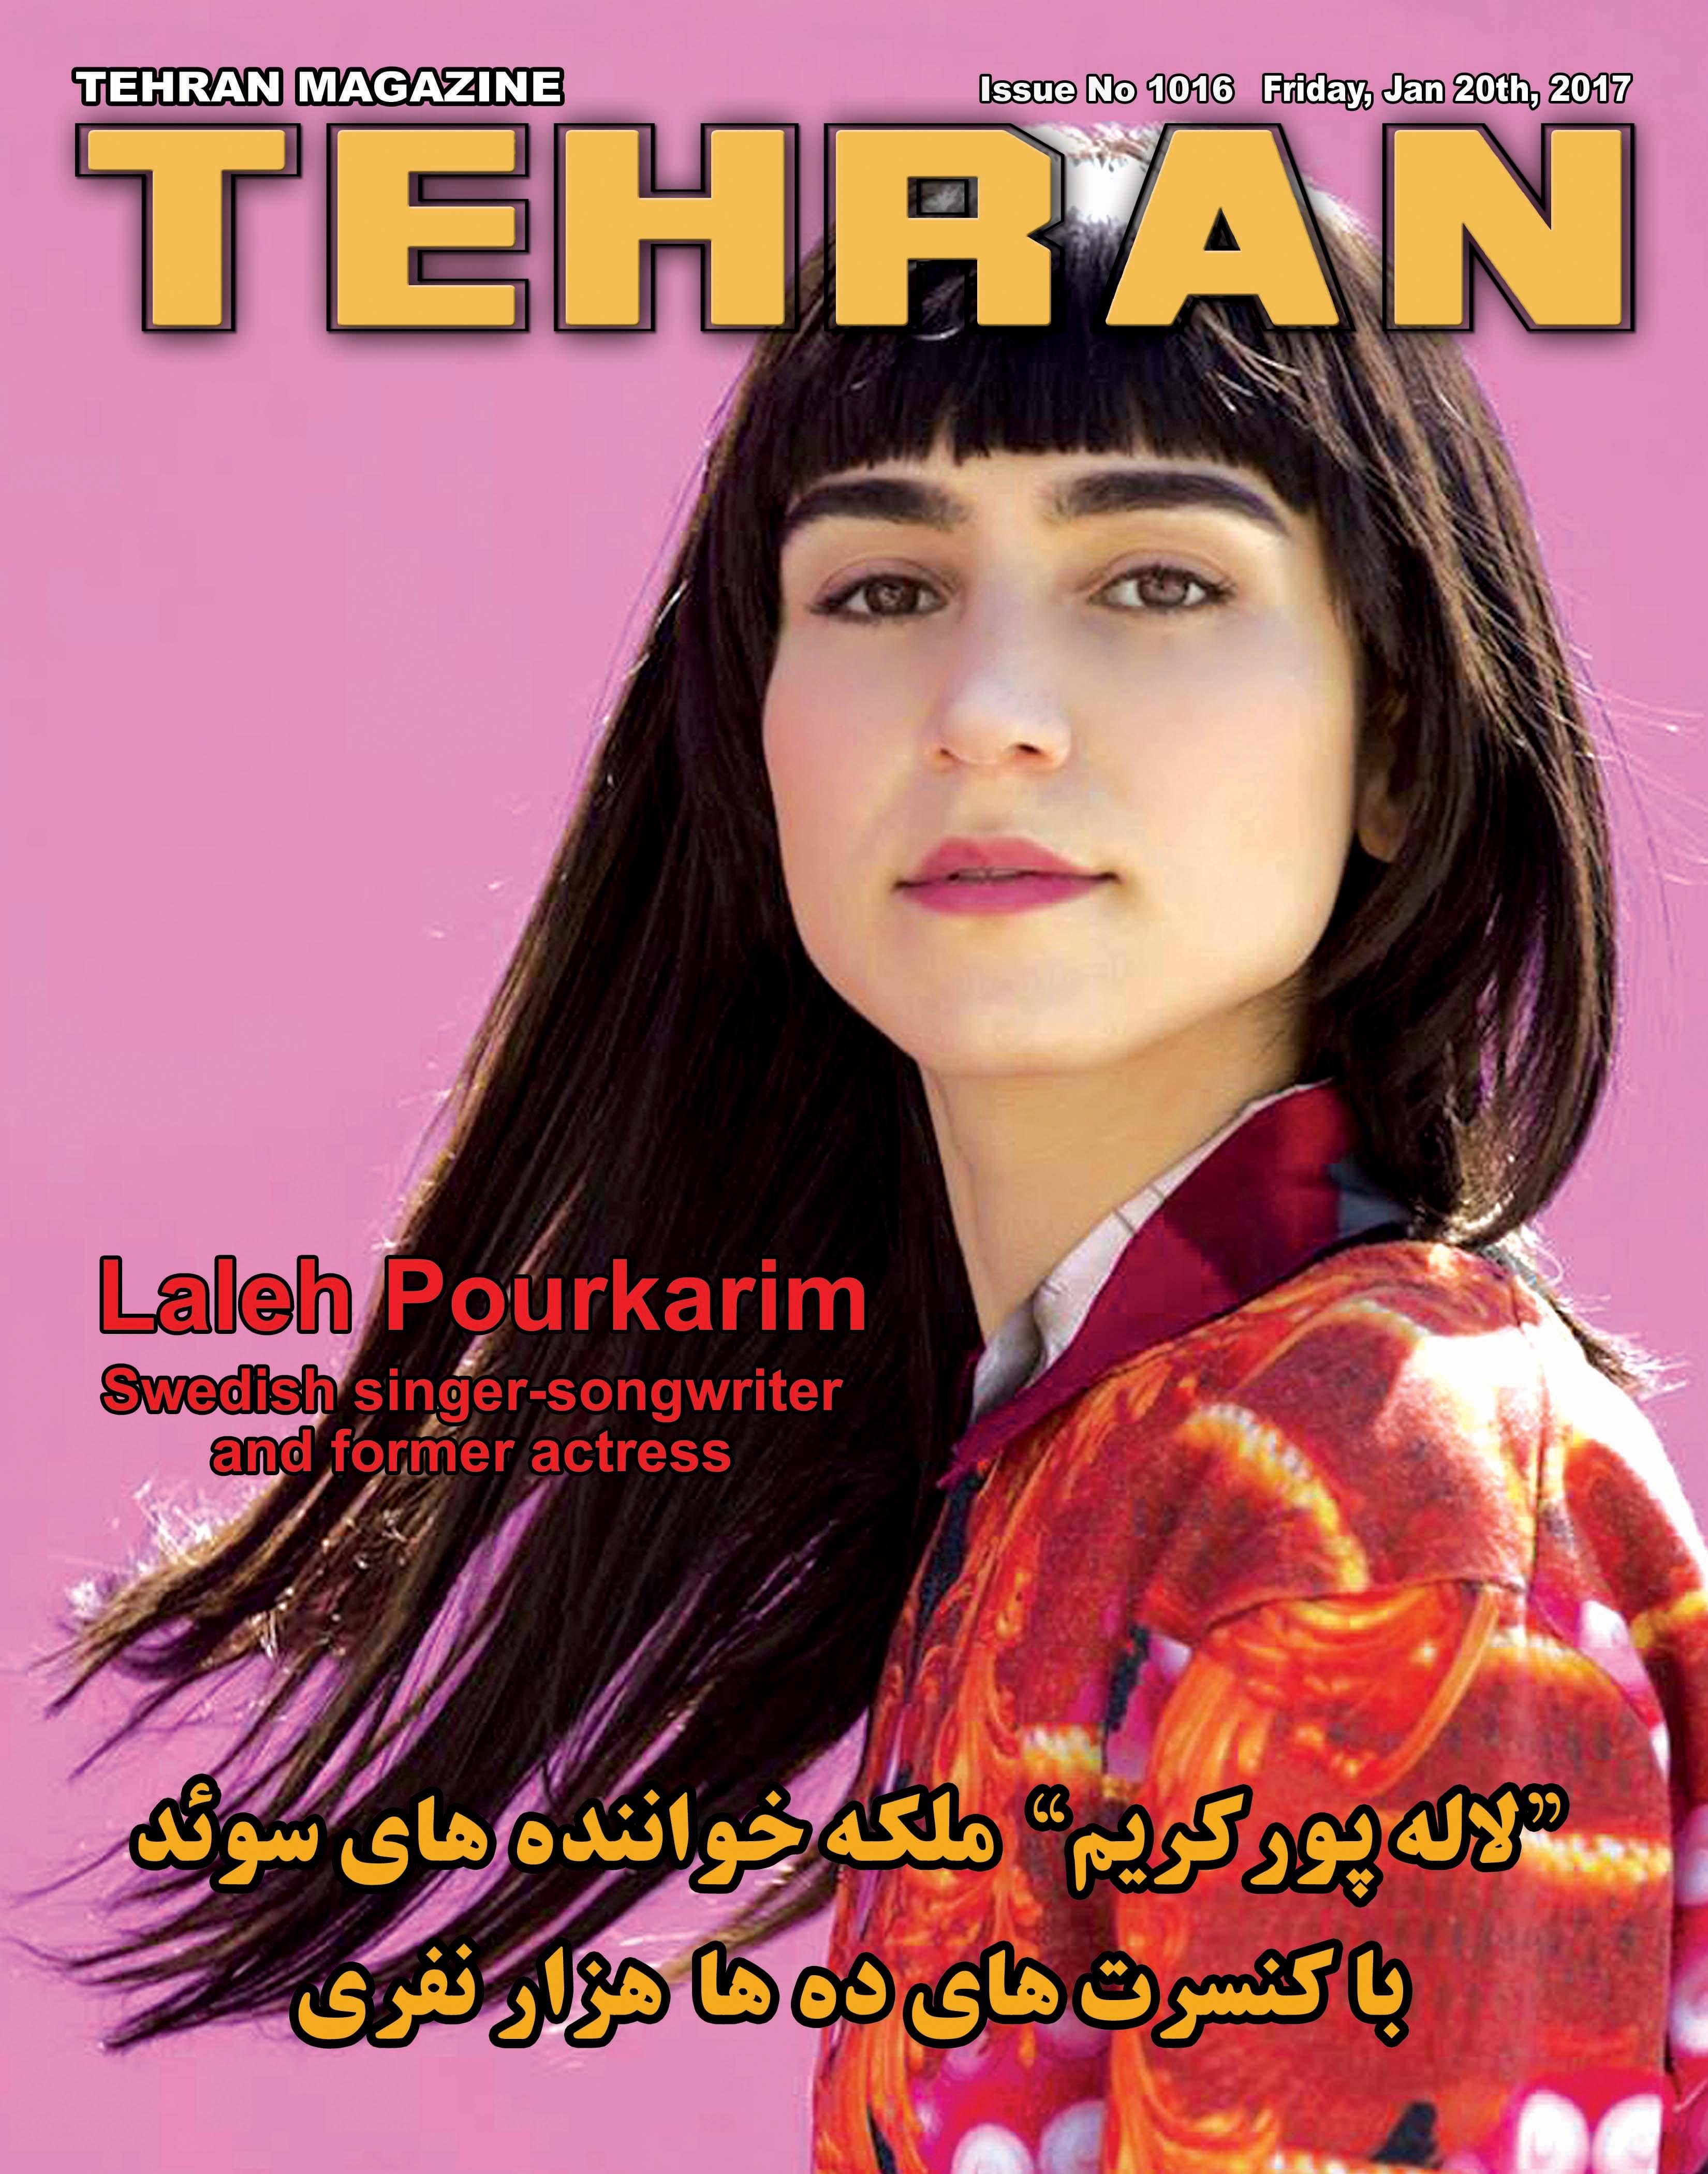 Laleh-pourkarim